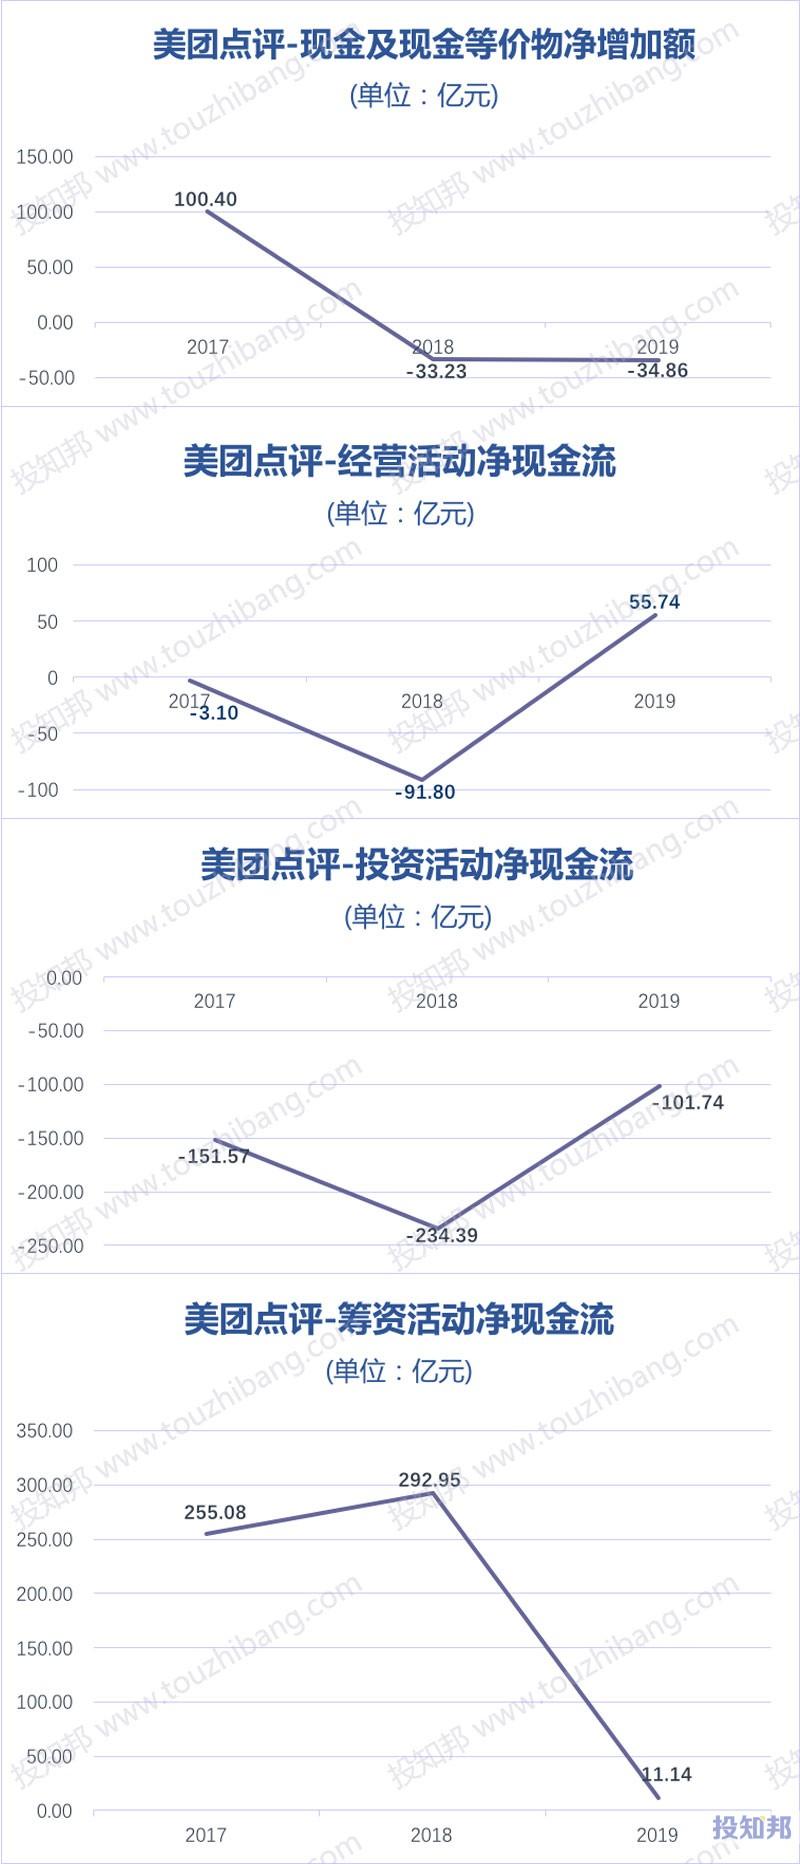 美团点评(HK3690)财报数据图示(2017年~2020年Q3,更新)